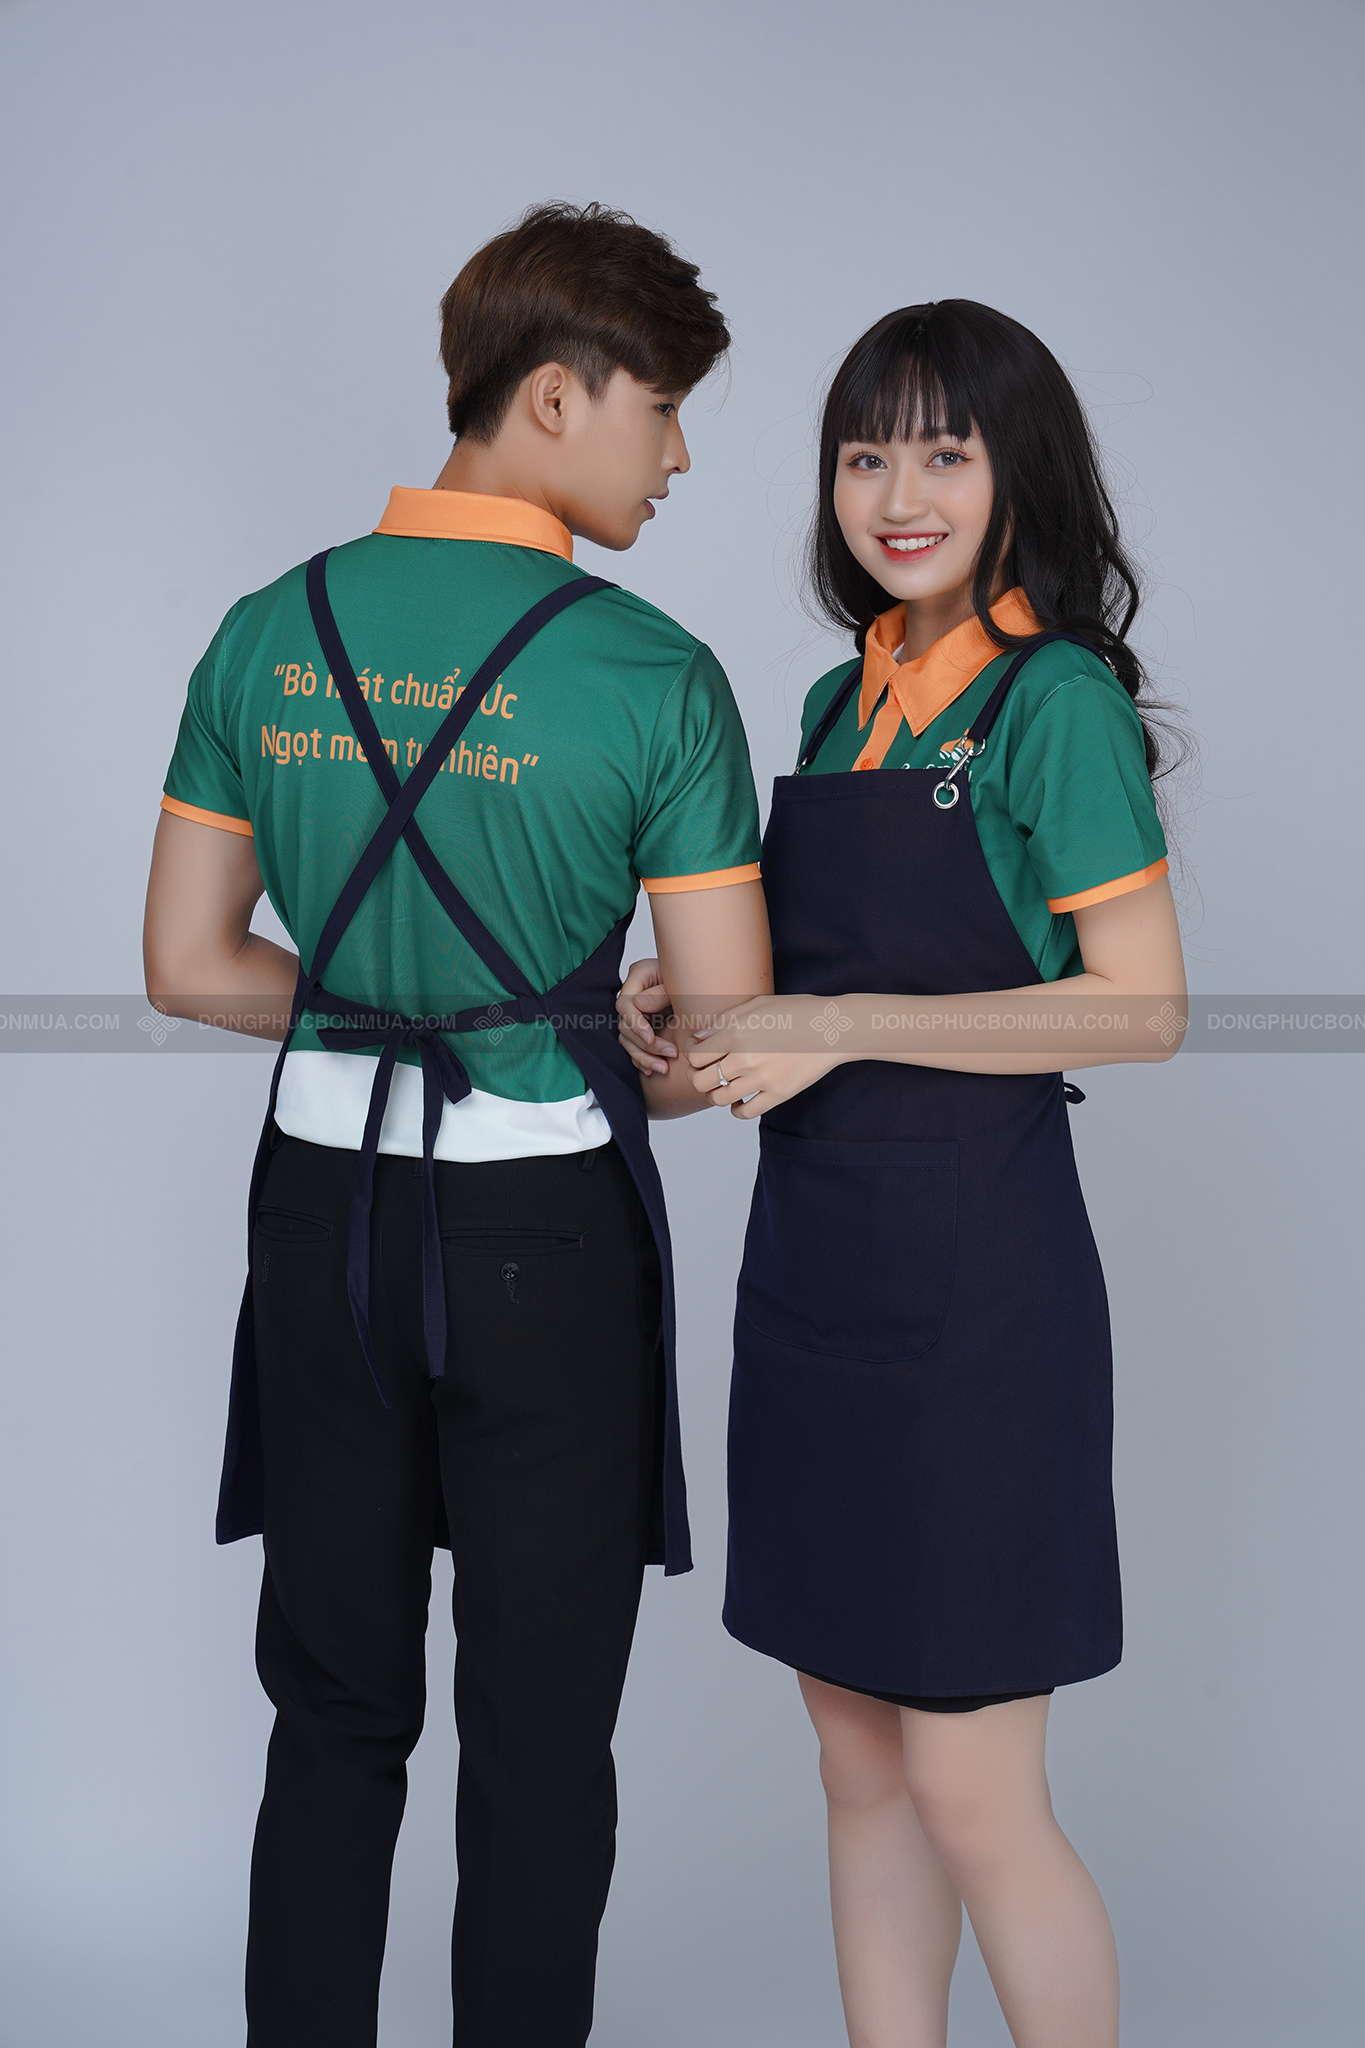 mẫu áo đồng phục nhà hàng